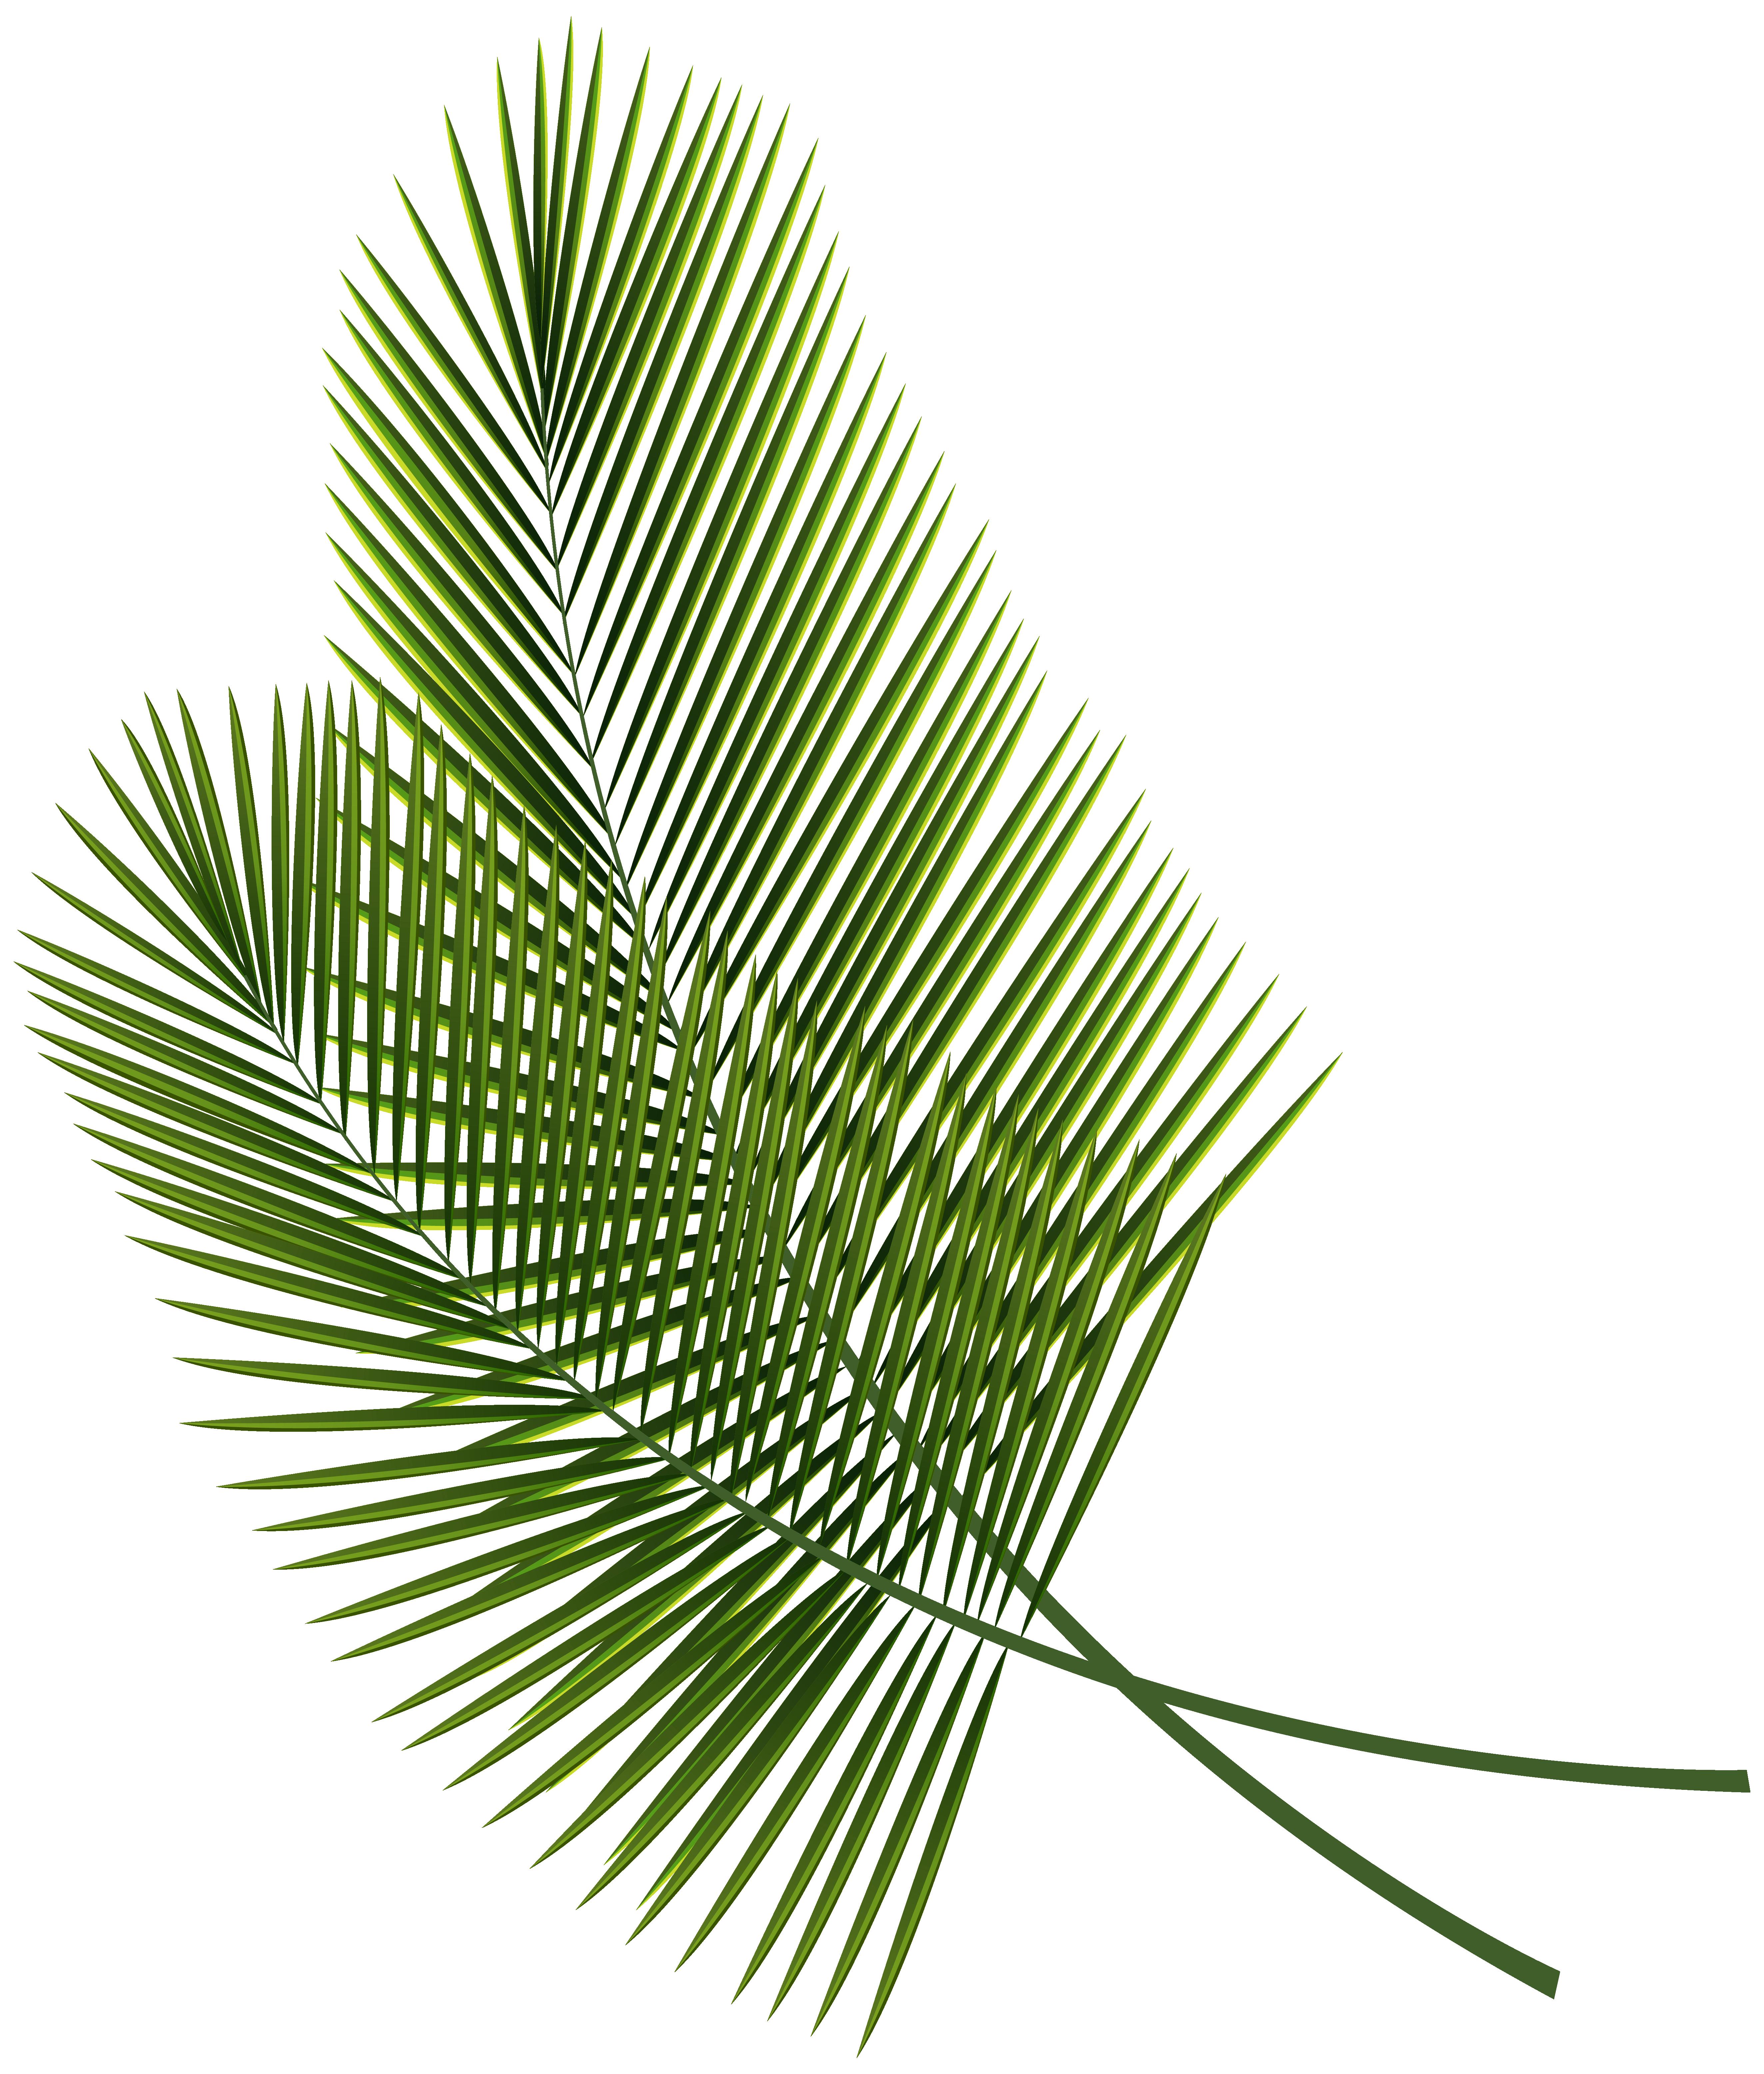 5295x6226 Leaf Arecaceae Palm Branch Clip Art